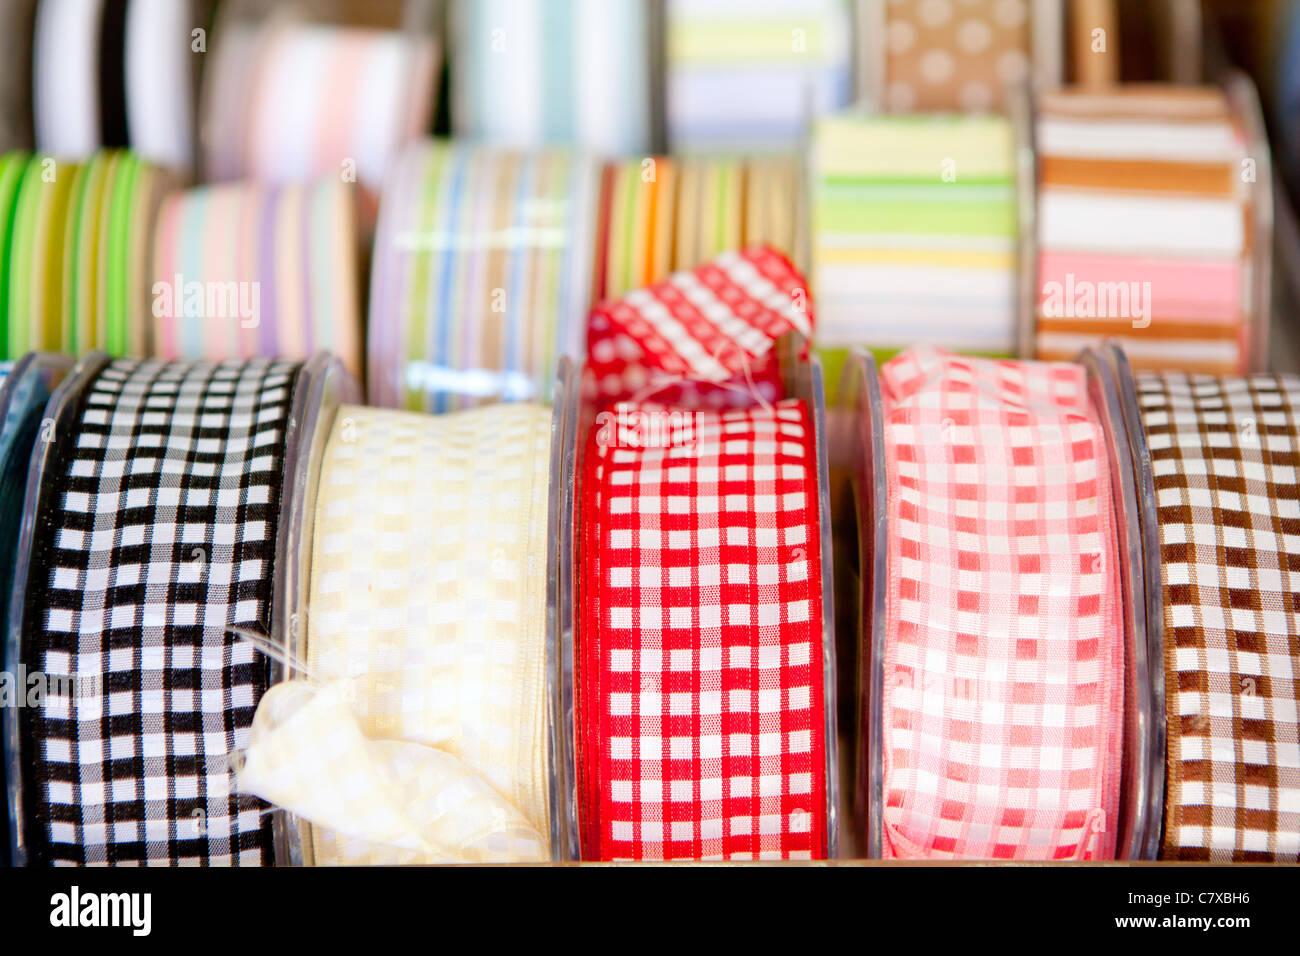 Les bandes de tissus mercerie bobines dans des carrés de Vichy Photo Stock